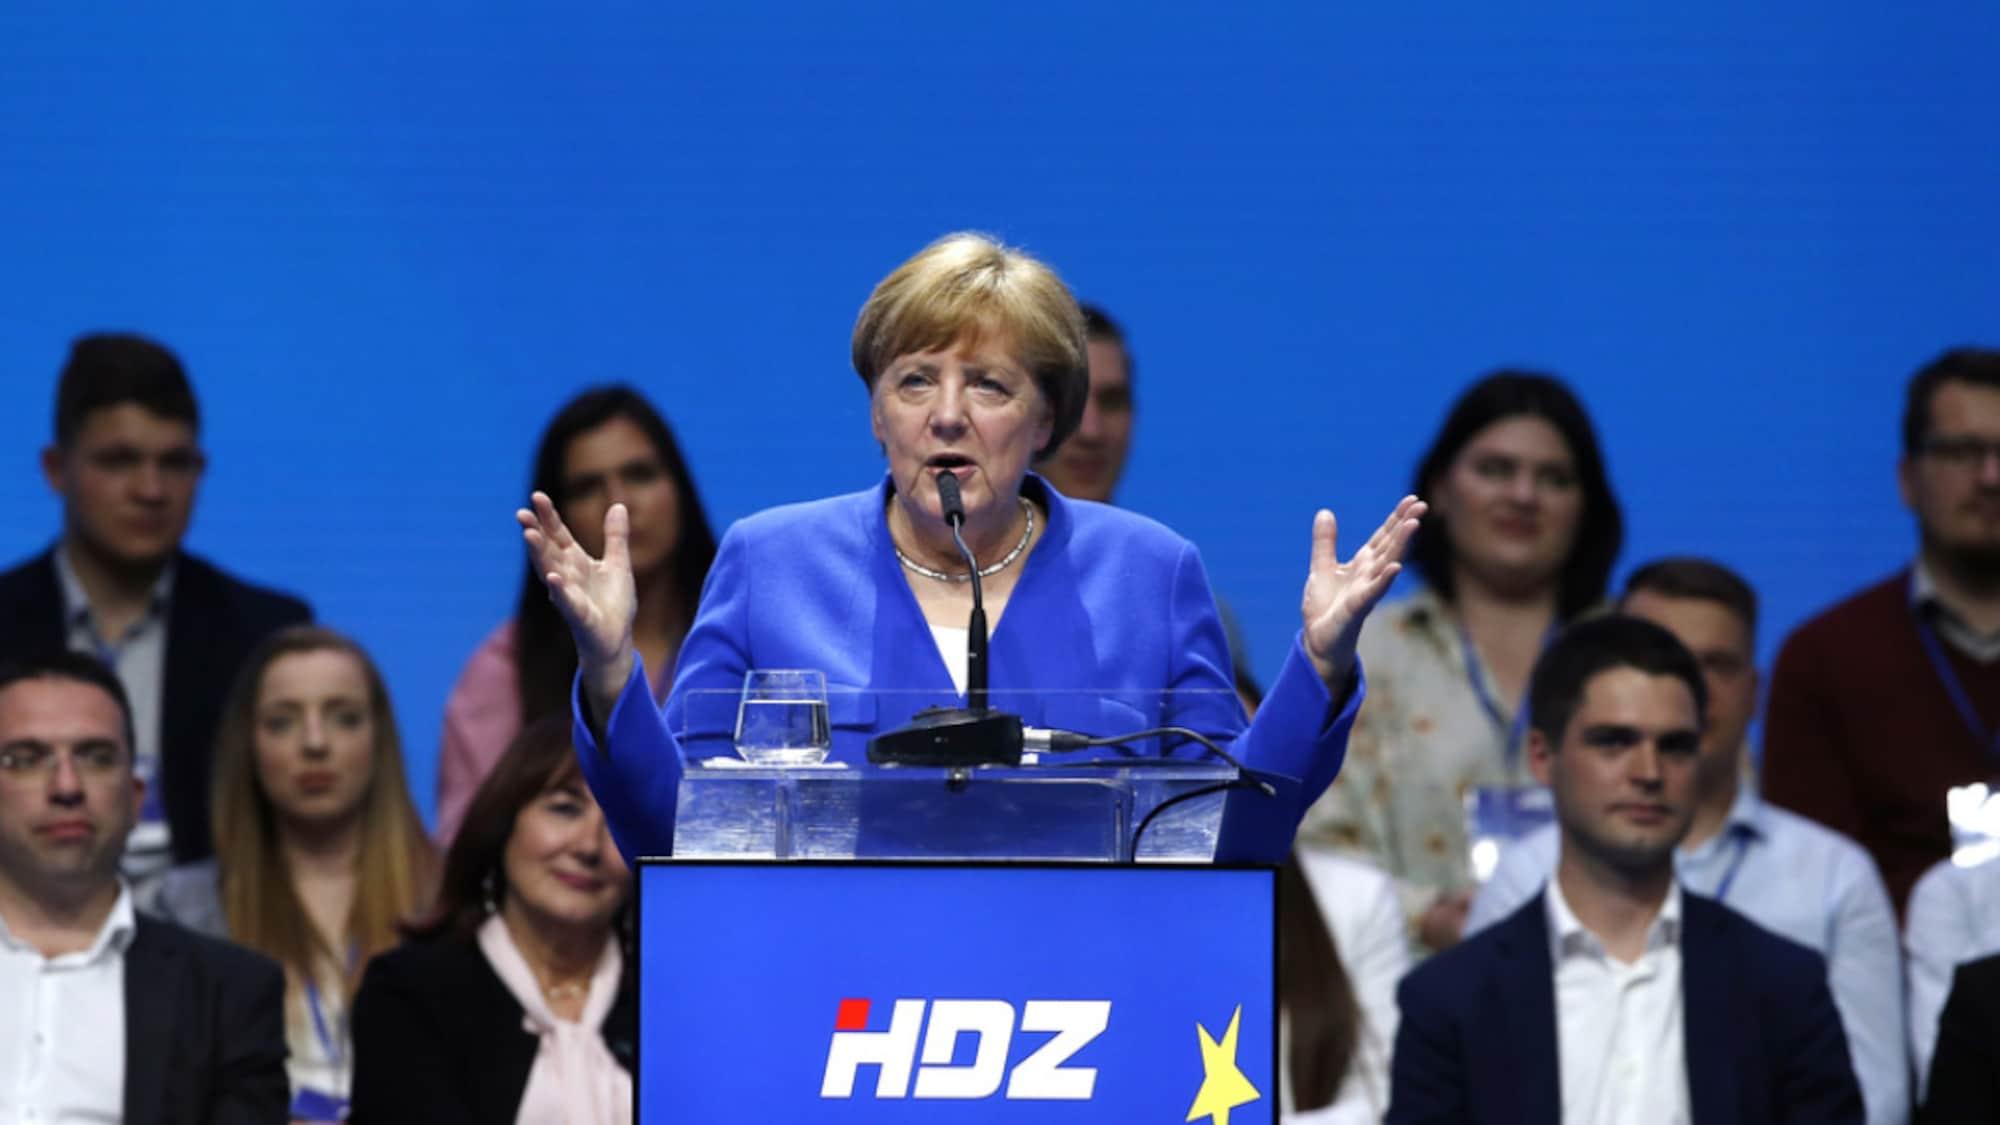 Europawahl: Merkel und Weber stellen sich in Zagreb gegen Nationalismus